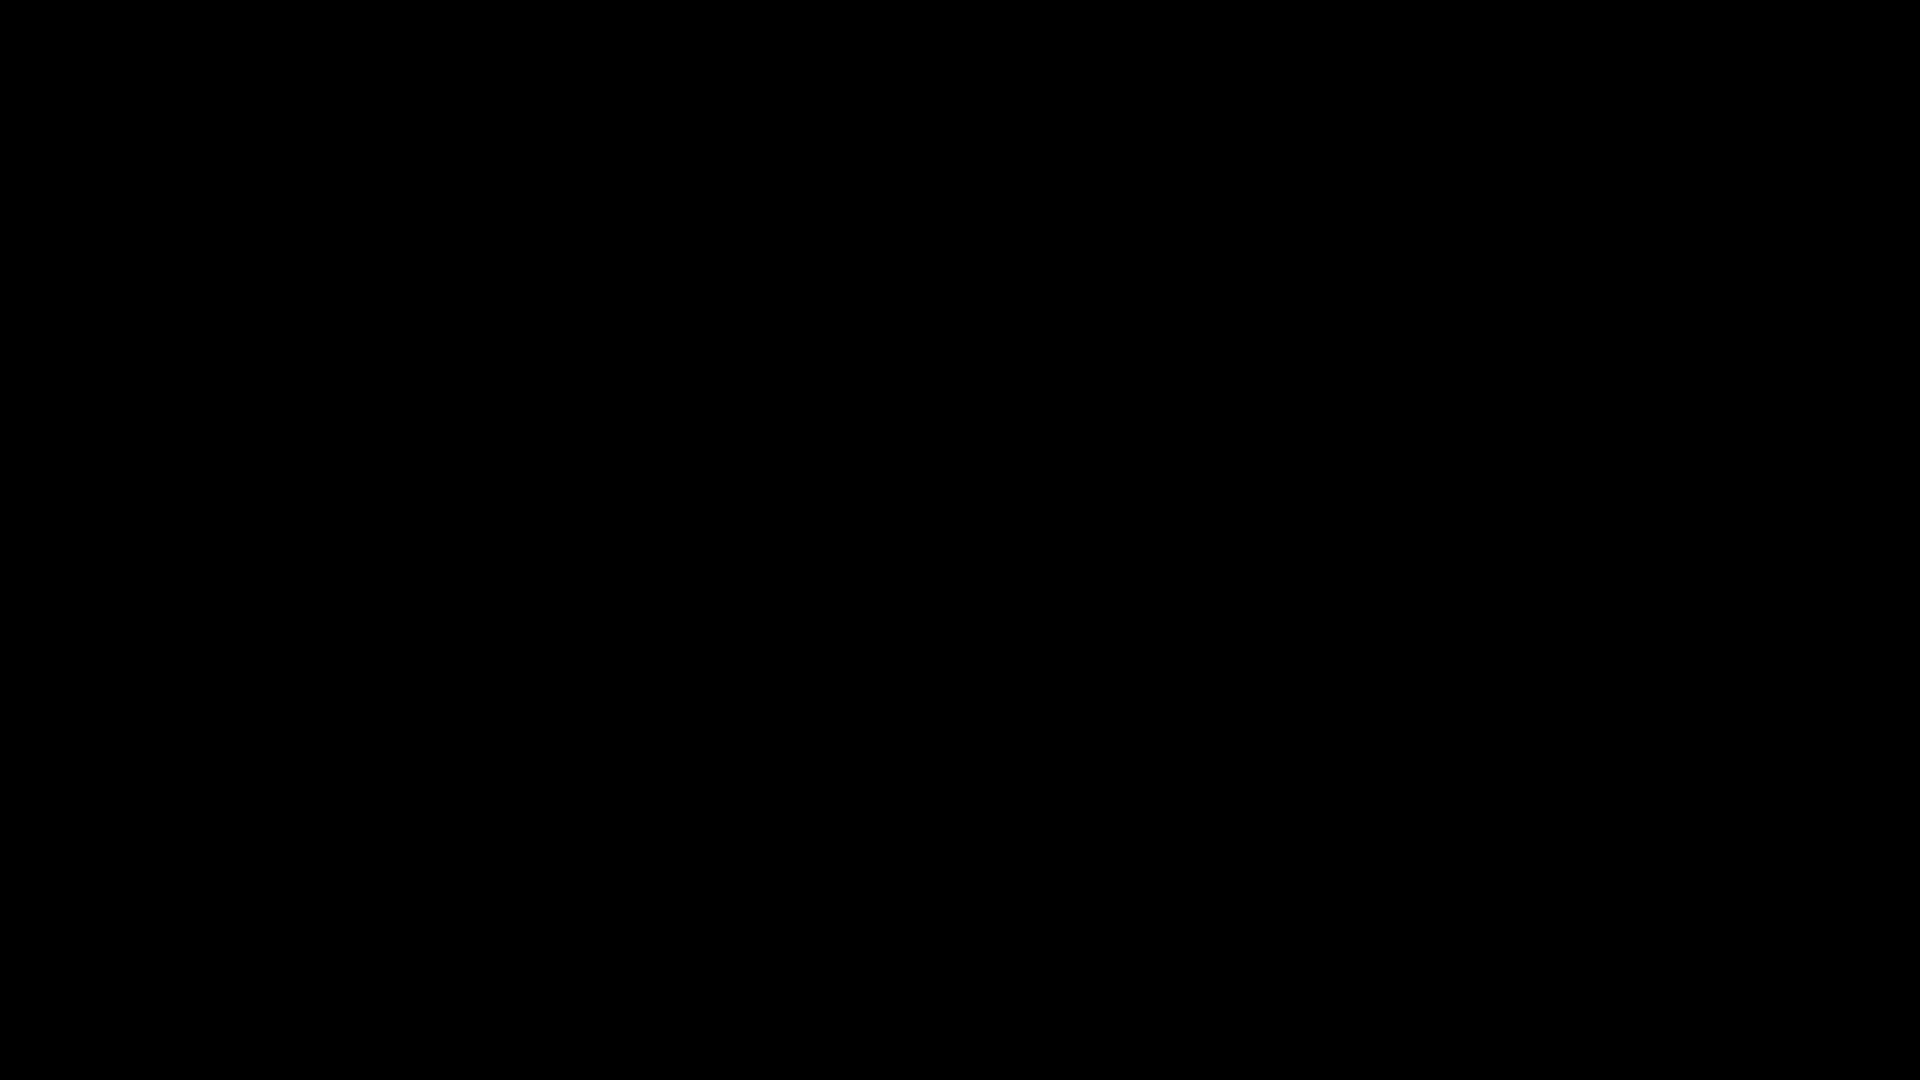 THE 未公開 ~手コキ、足コキ、美女たちの抜きテクニック~ - 星咲ひな【痴女・巨乳・手コキ】